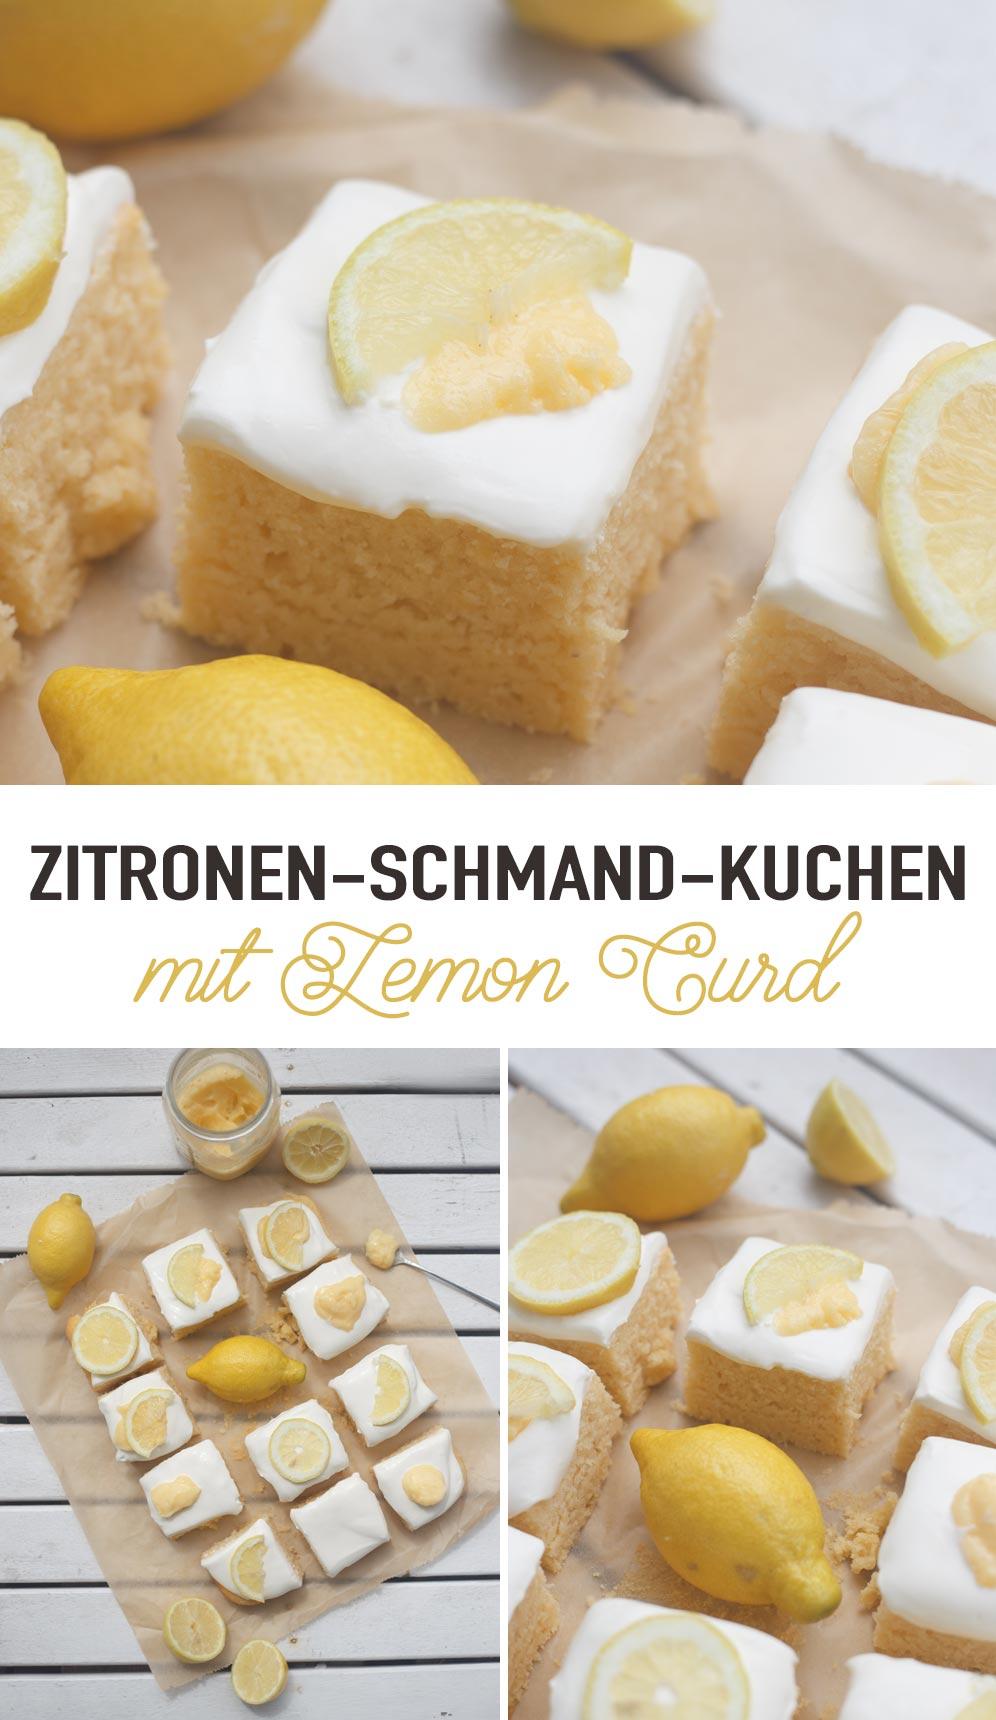 Zitronen-Schmand-Kuchen mit Lemon Curd - sommerliches Rezept mit Rührteig